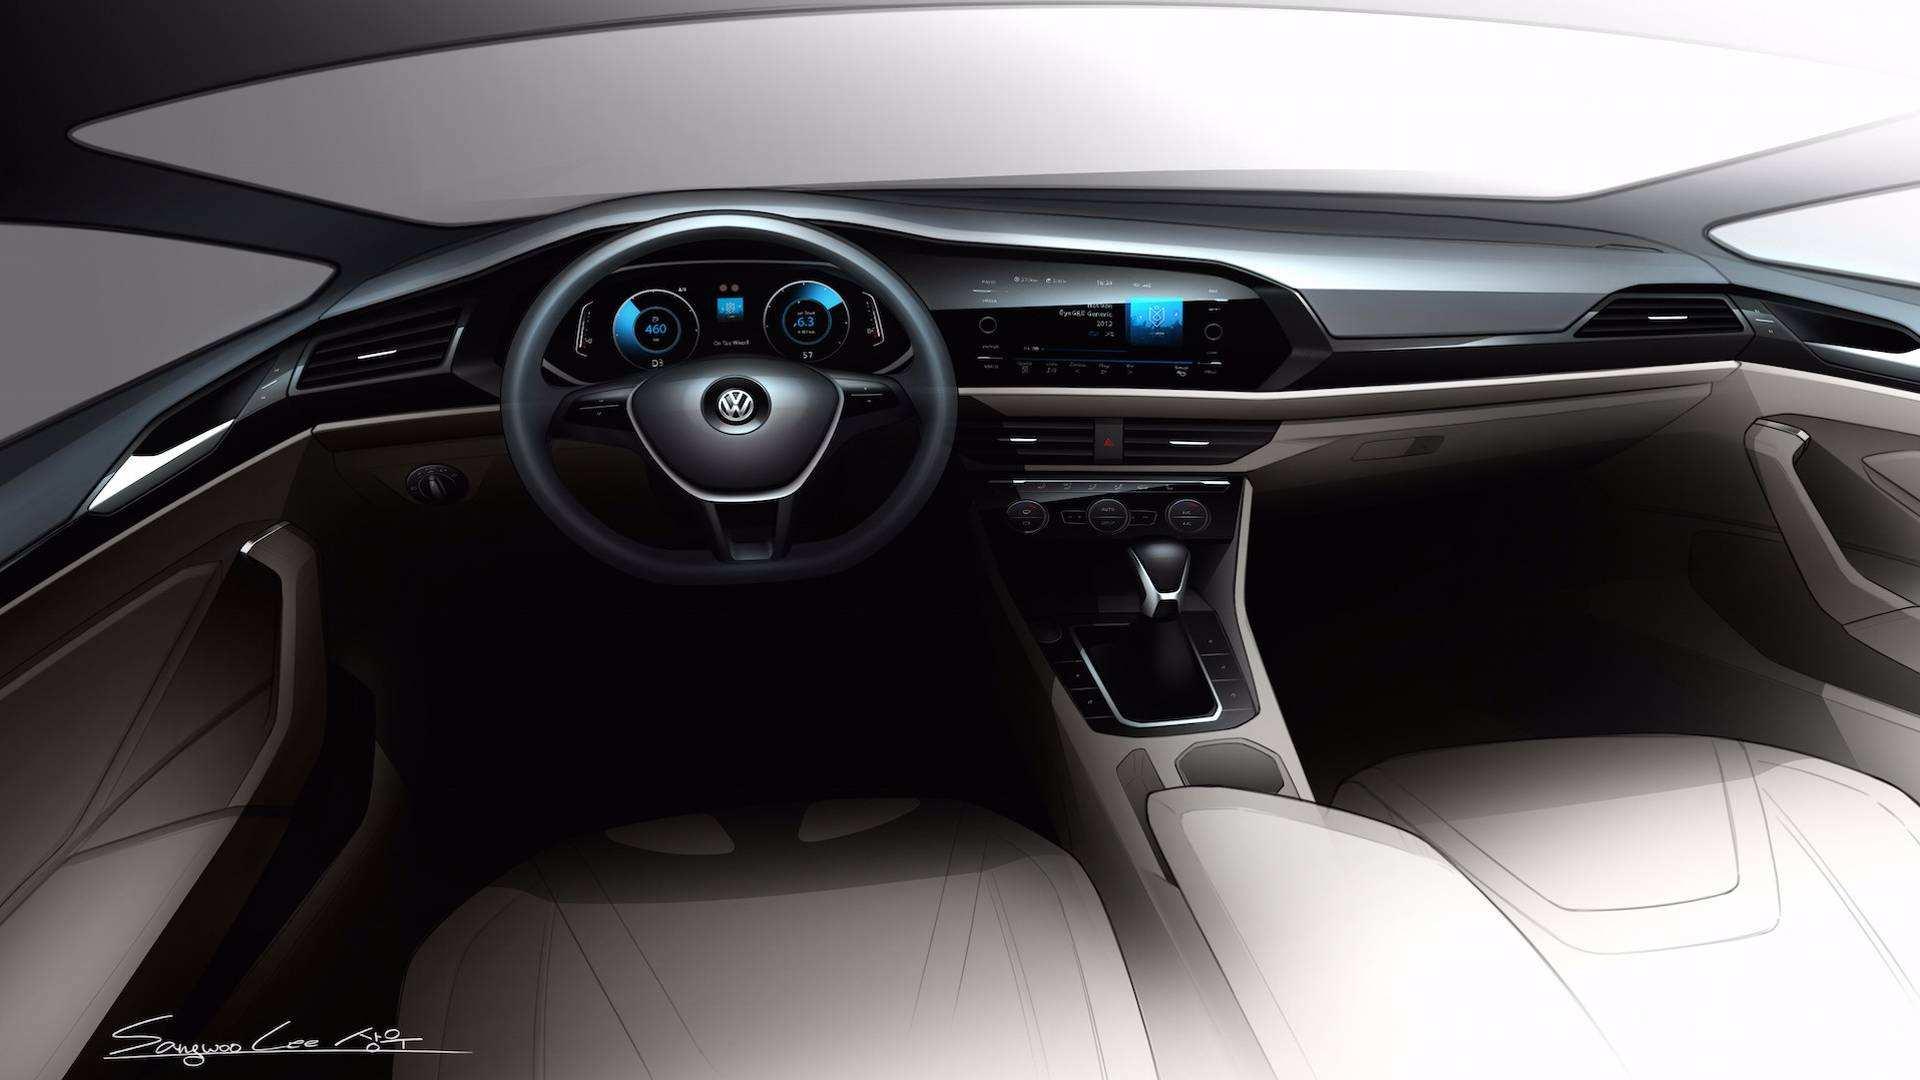 52 All New 2019 Volkswagen Passat Interior Specs and Review for 2019 Volkswagen Passat Interior